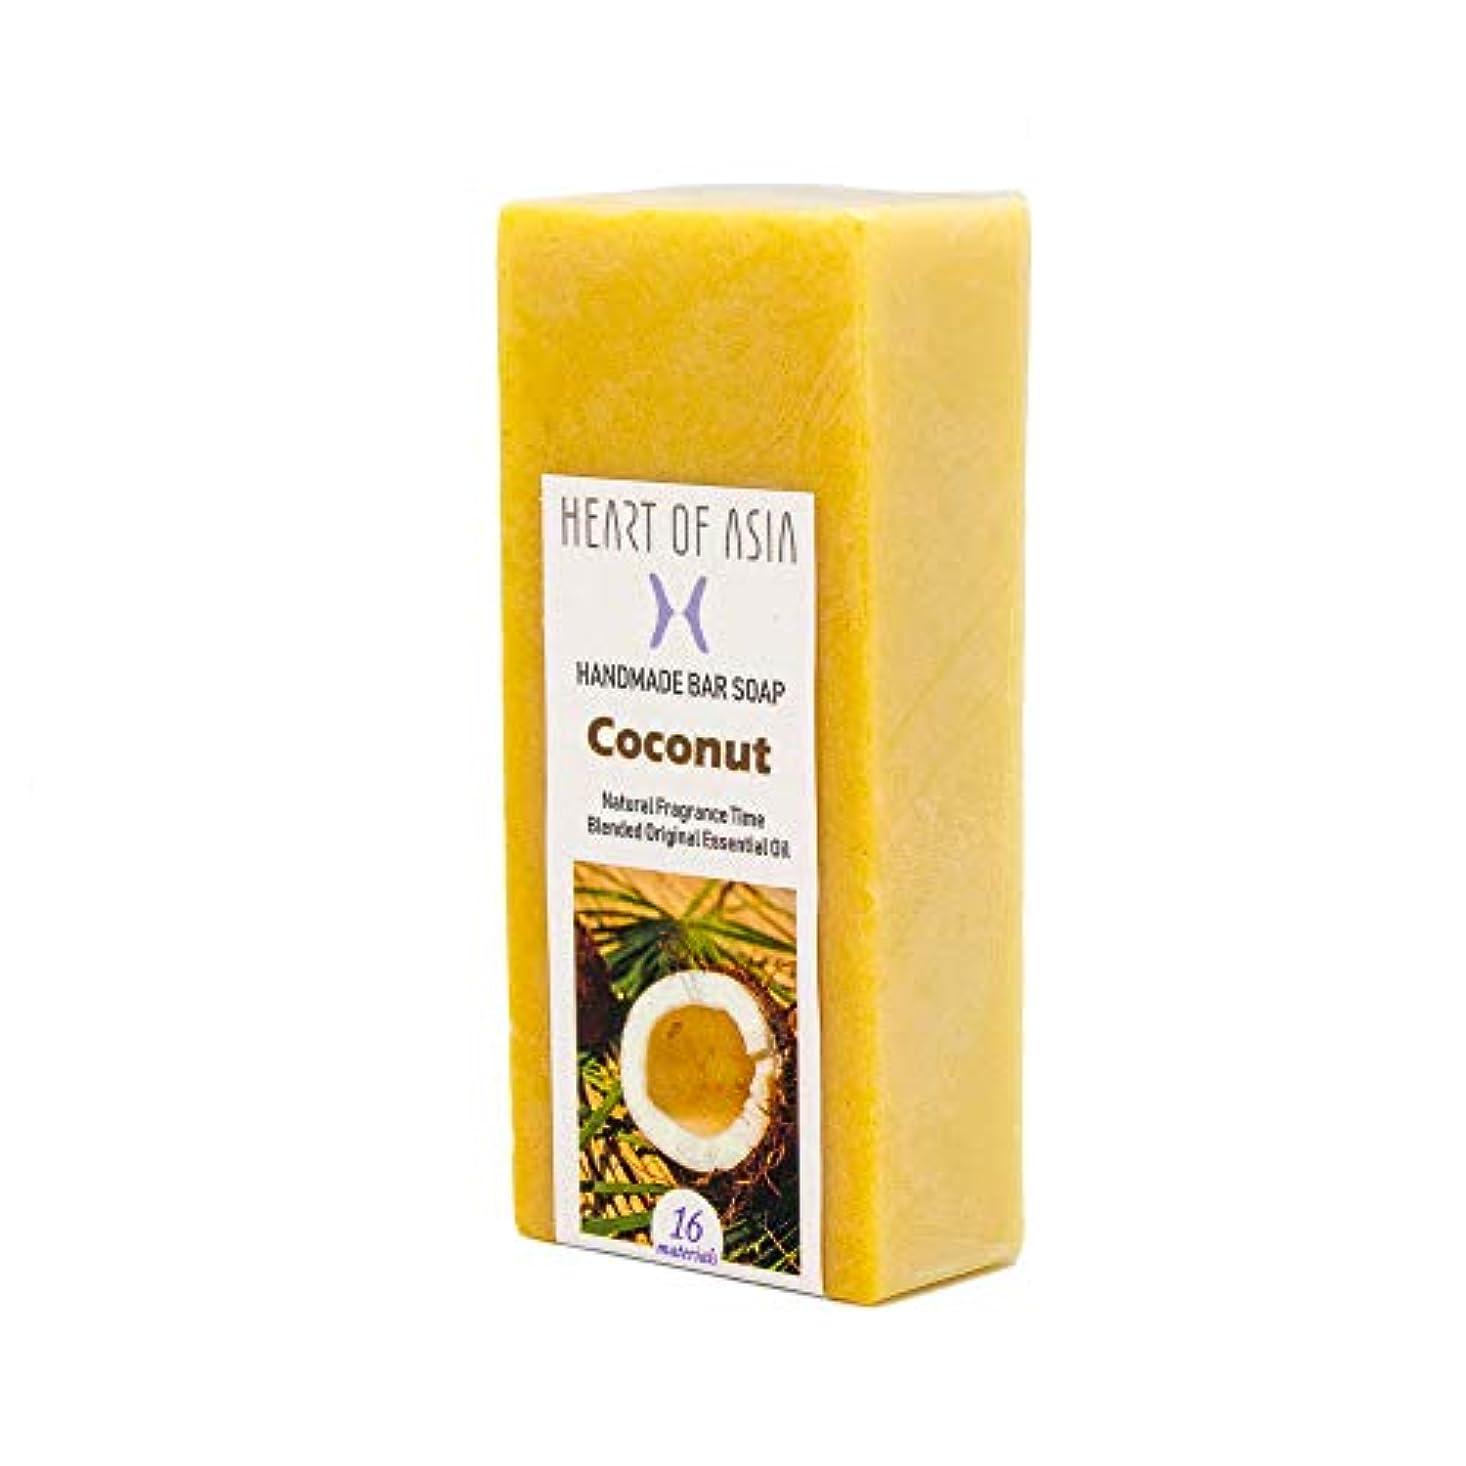 一瞬幹未知の香水のようなフレグランス石けん HANDMADE BAR SOAP ~Coconut ~ (単品)